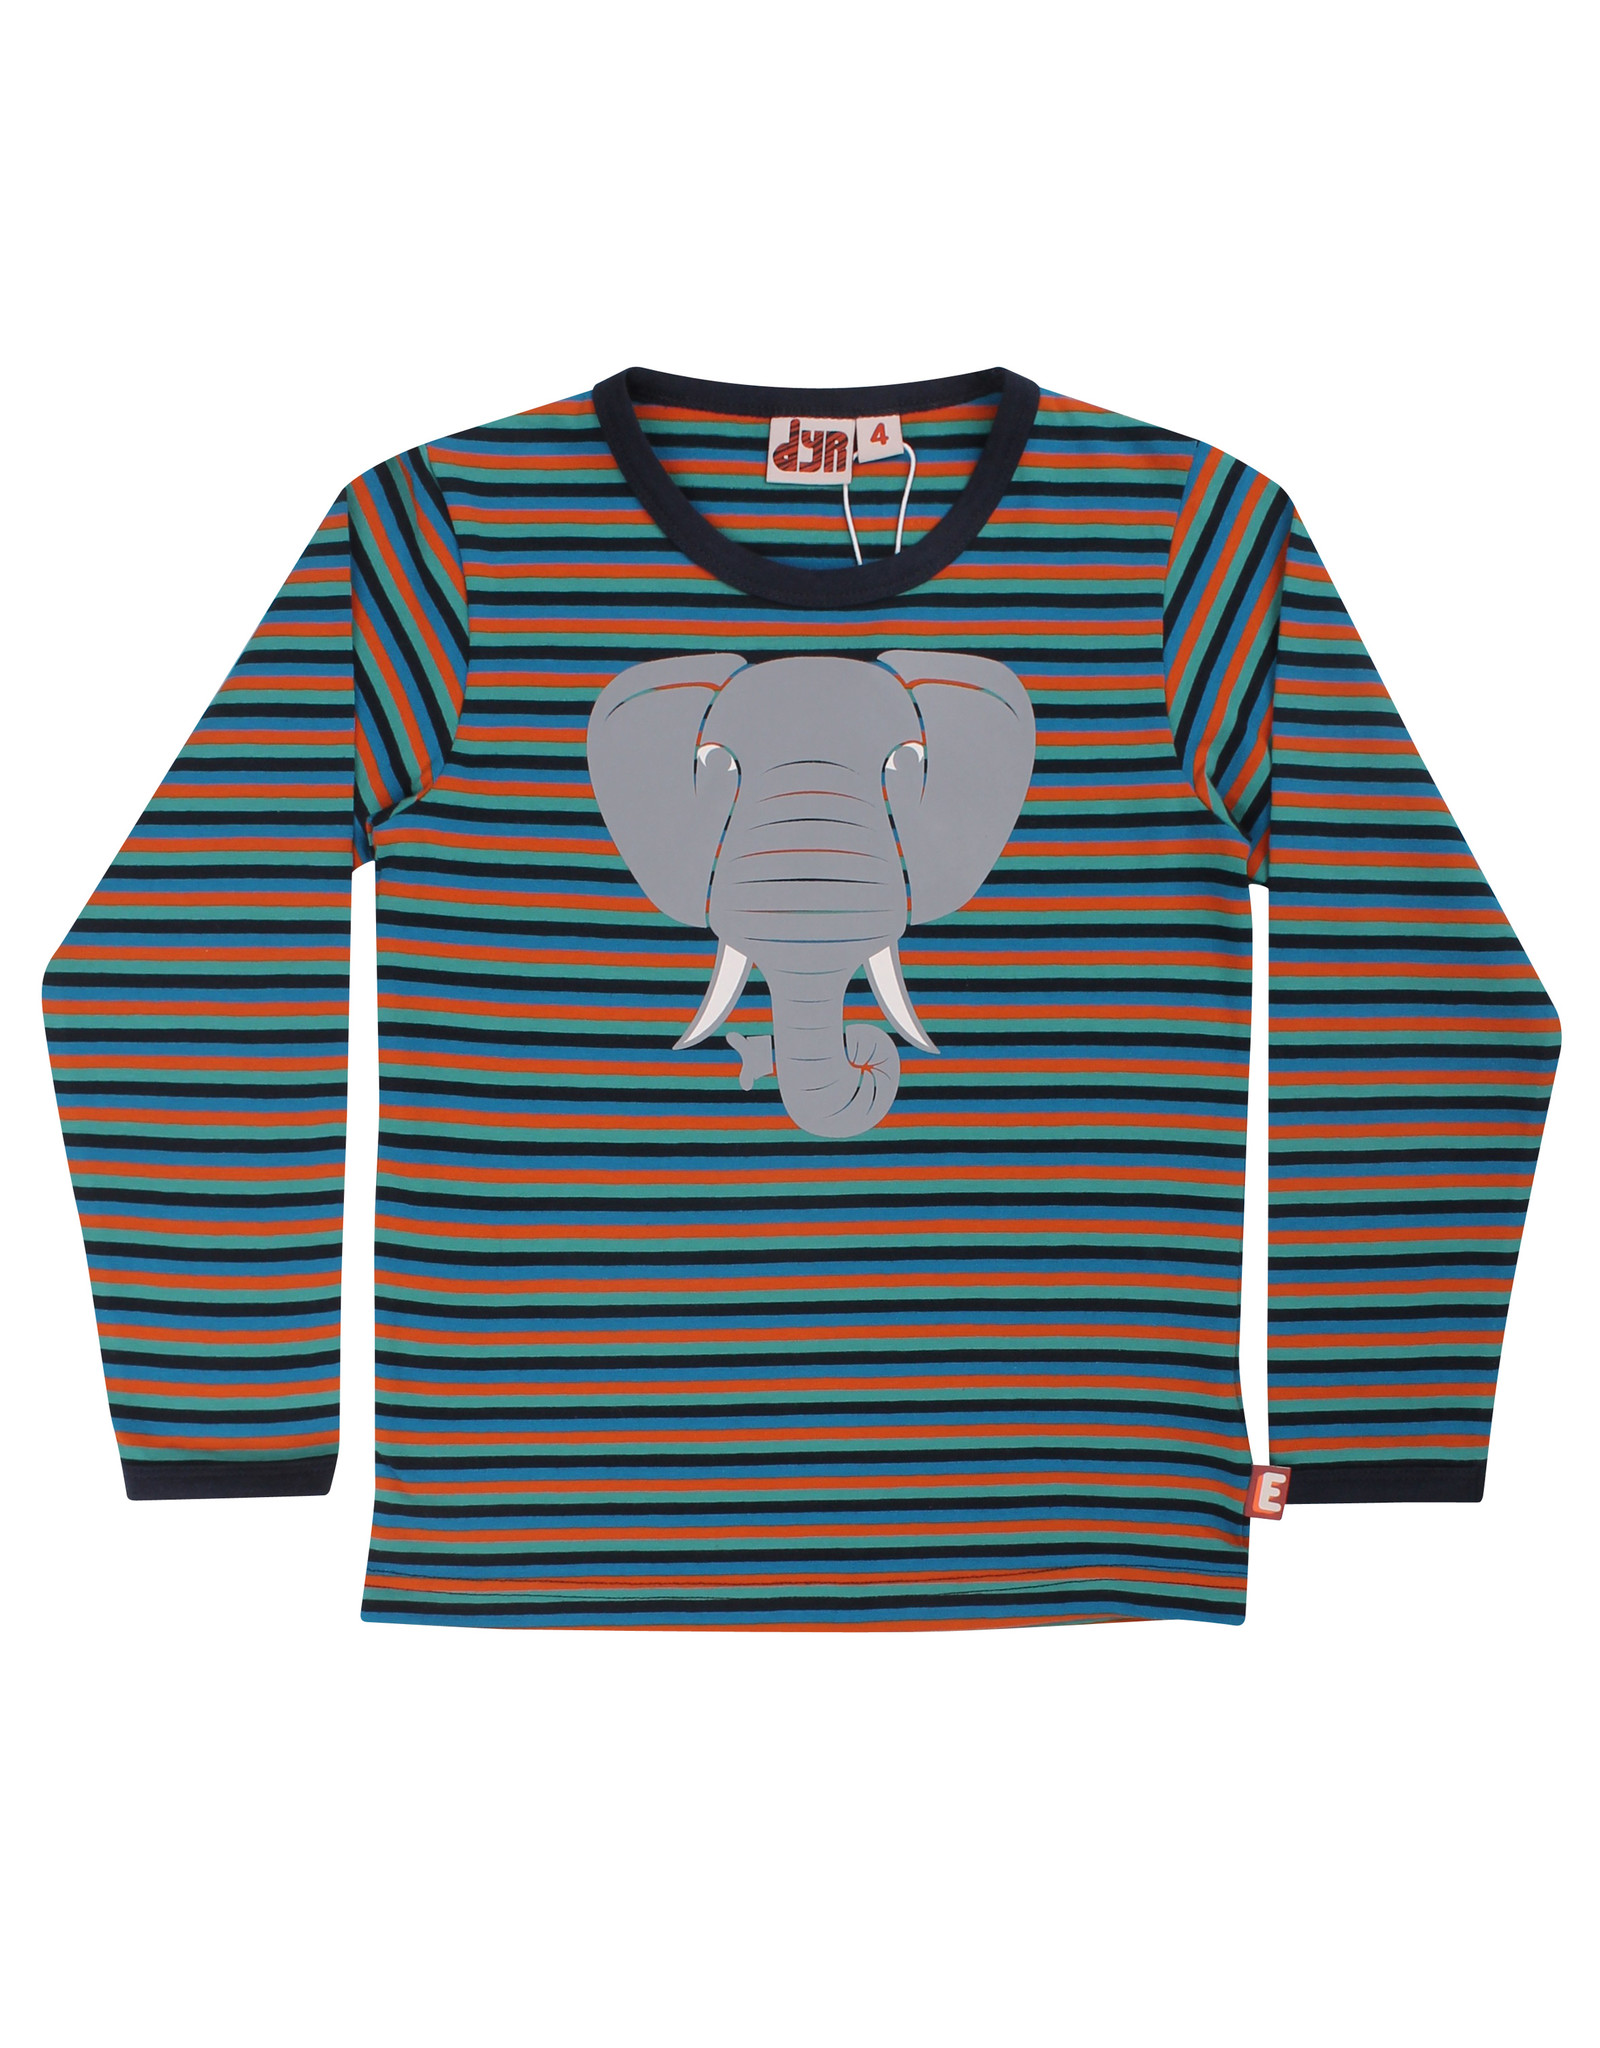 Danefae Kinder shirt - Durango olifant